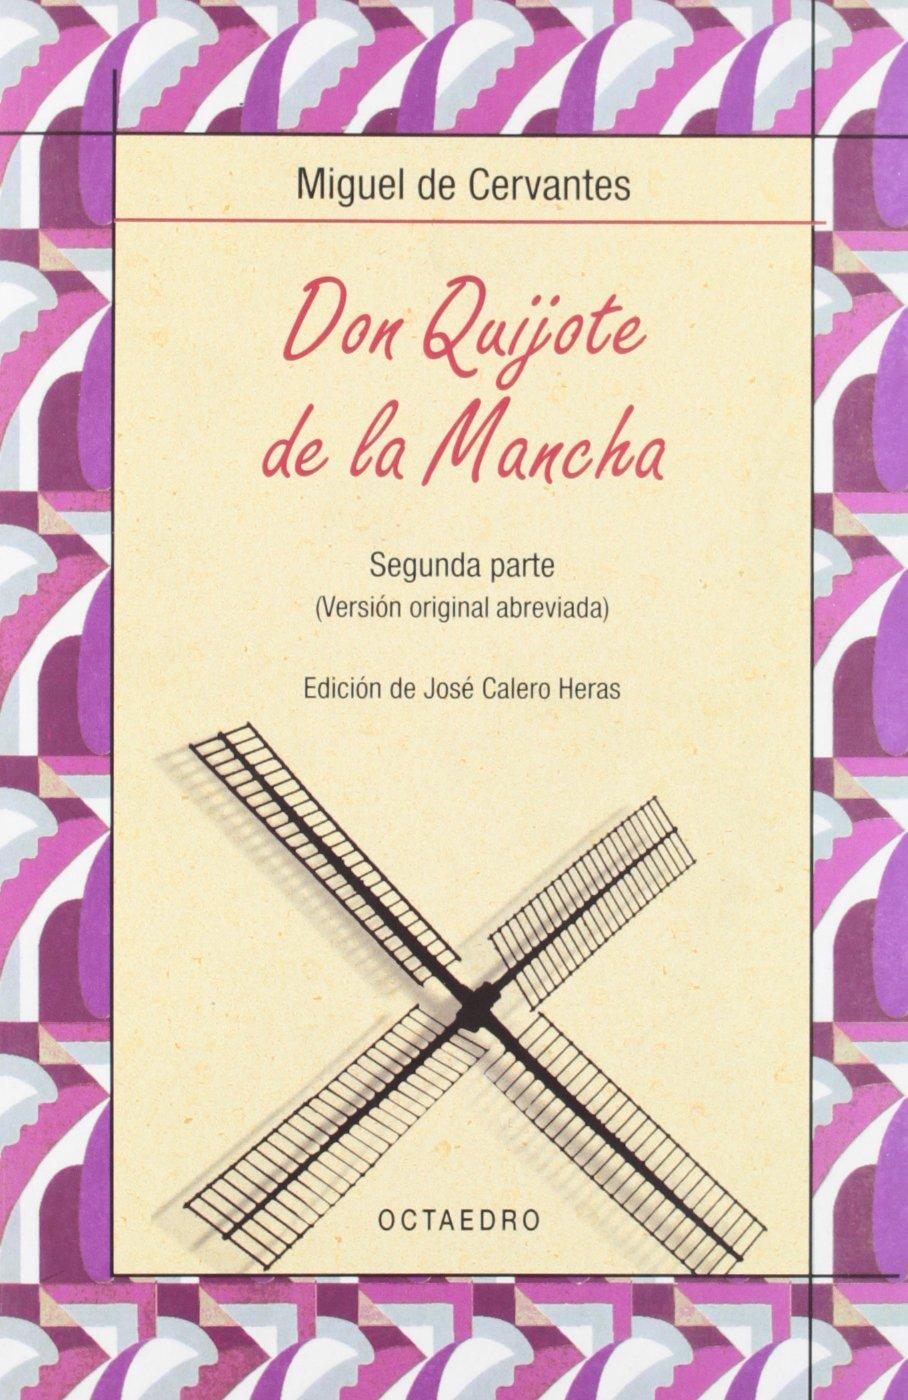 Don Quijote de la Mancha. Segunda parte (Biblioteca Básica, Band 16)